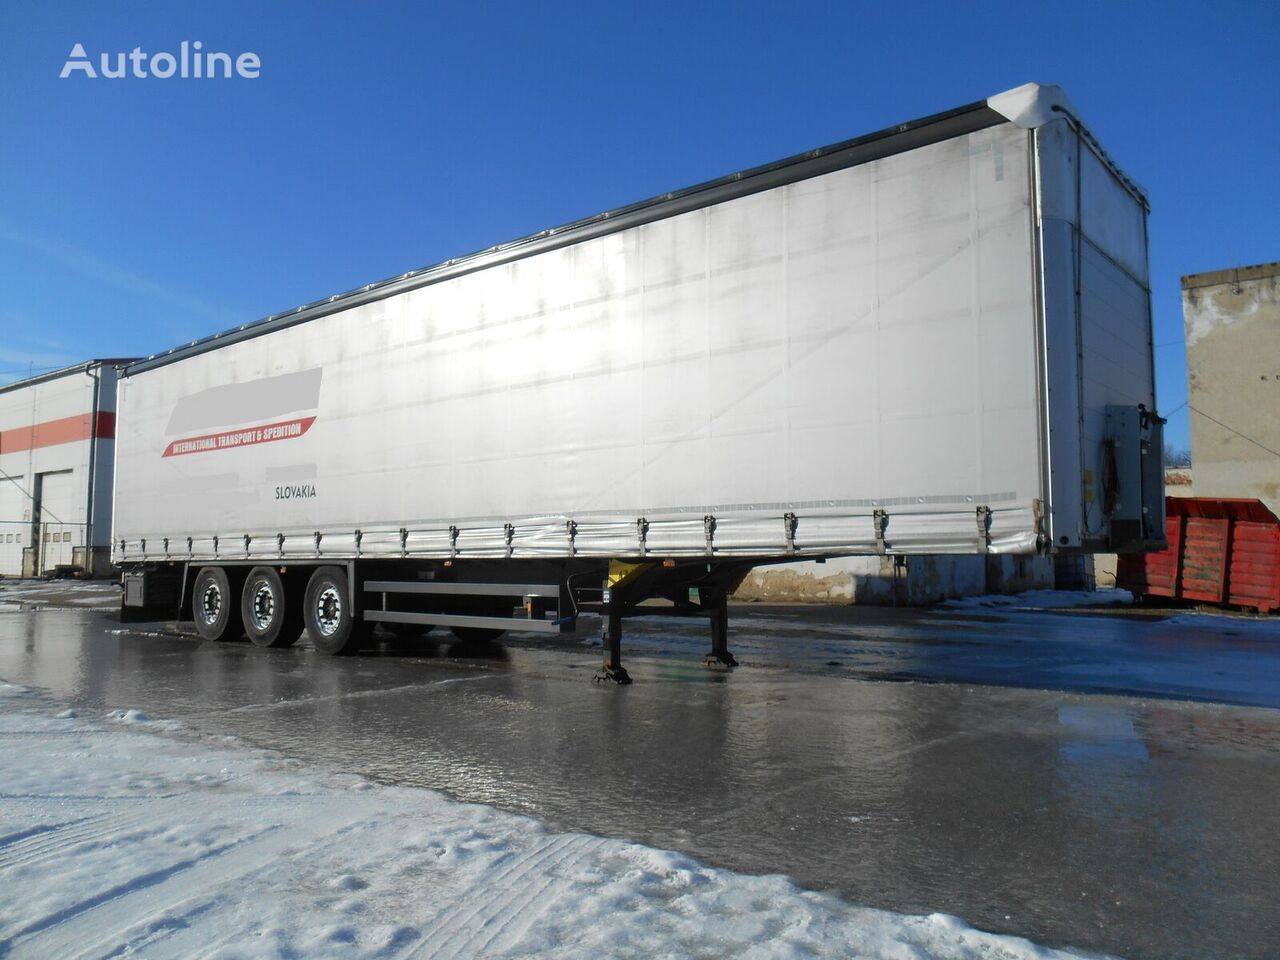 SCHMITZ CARGOBULL COIL MULDE 9m XL CERTIFICATE  SAF AXLE curtain side semi-trailer